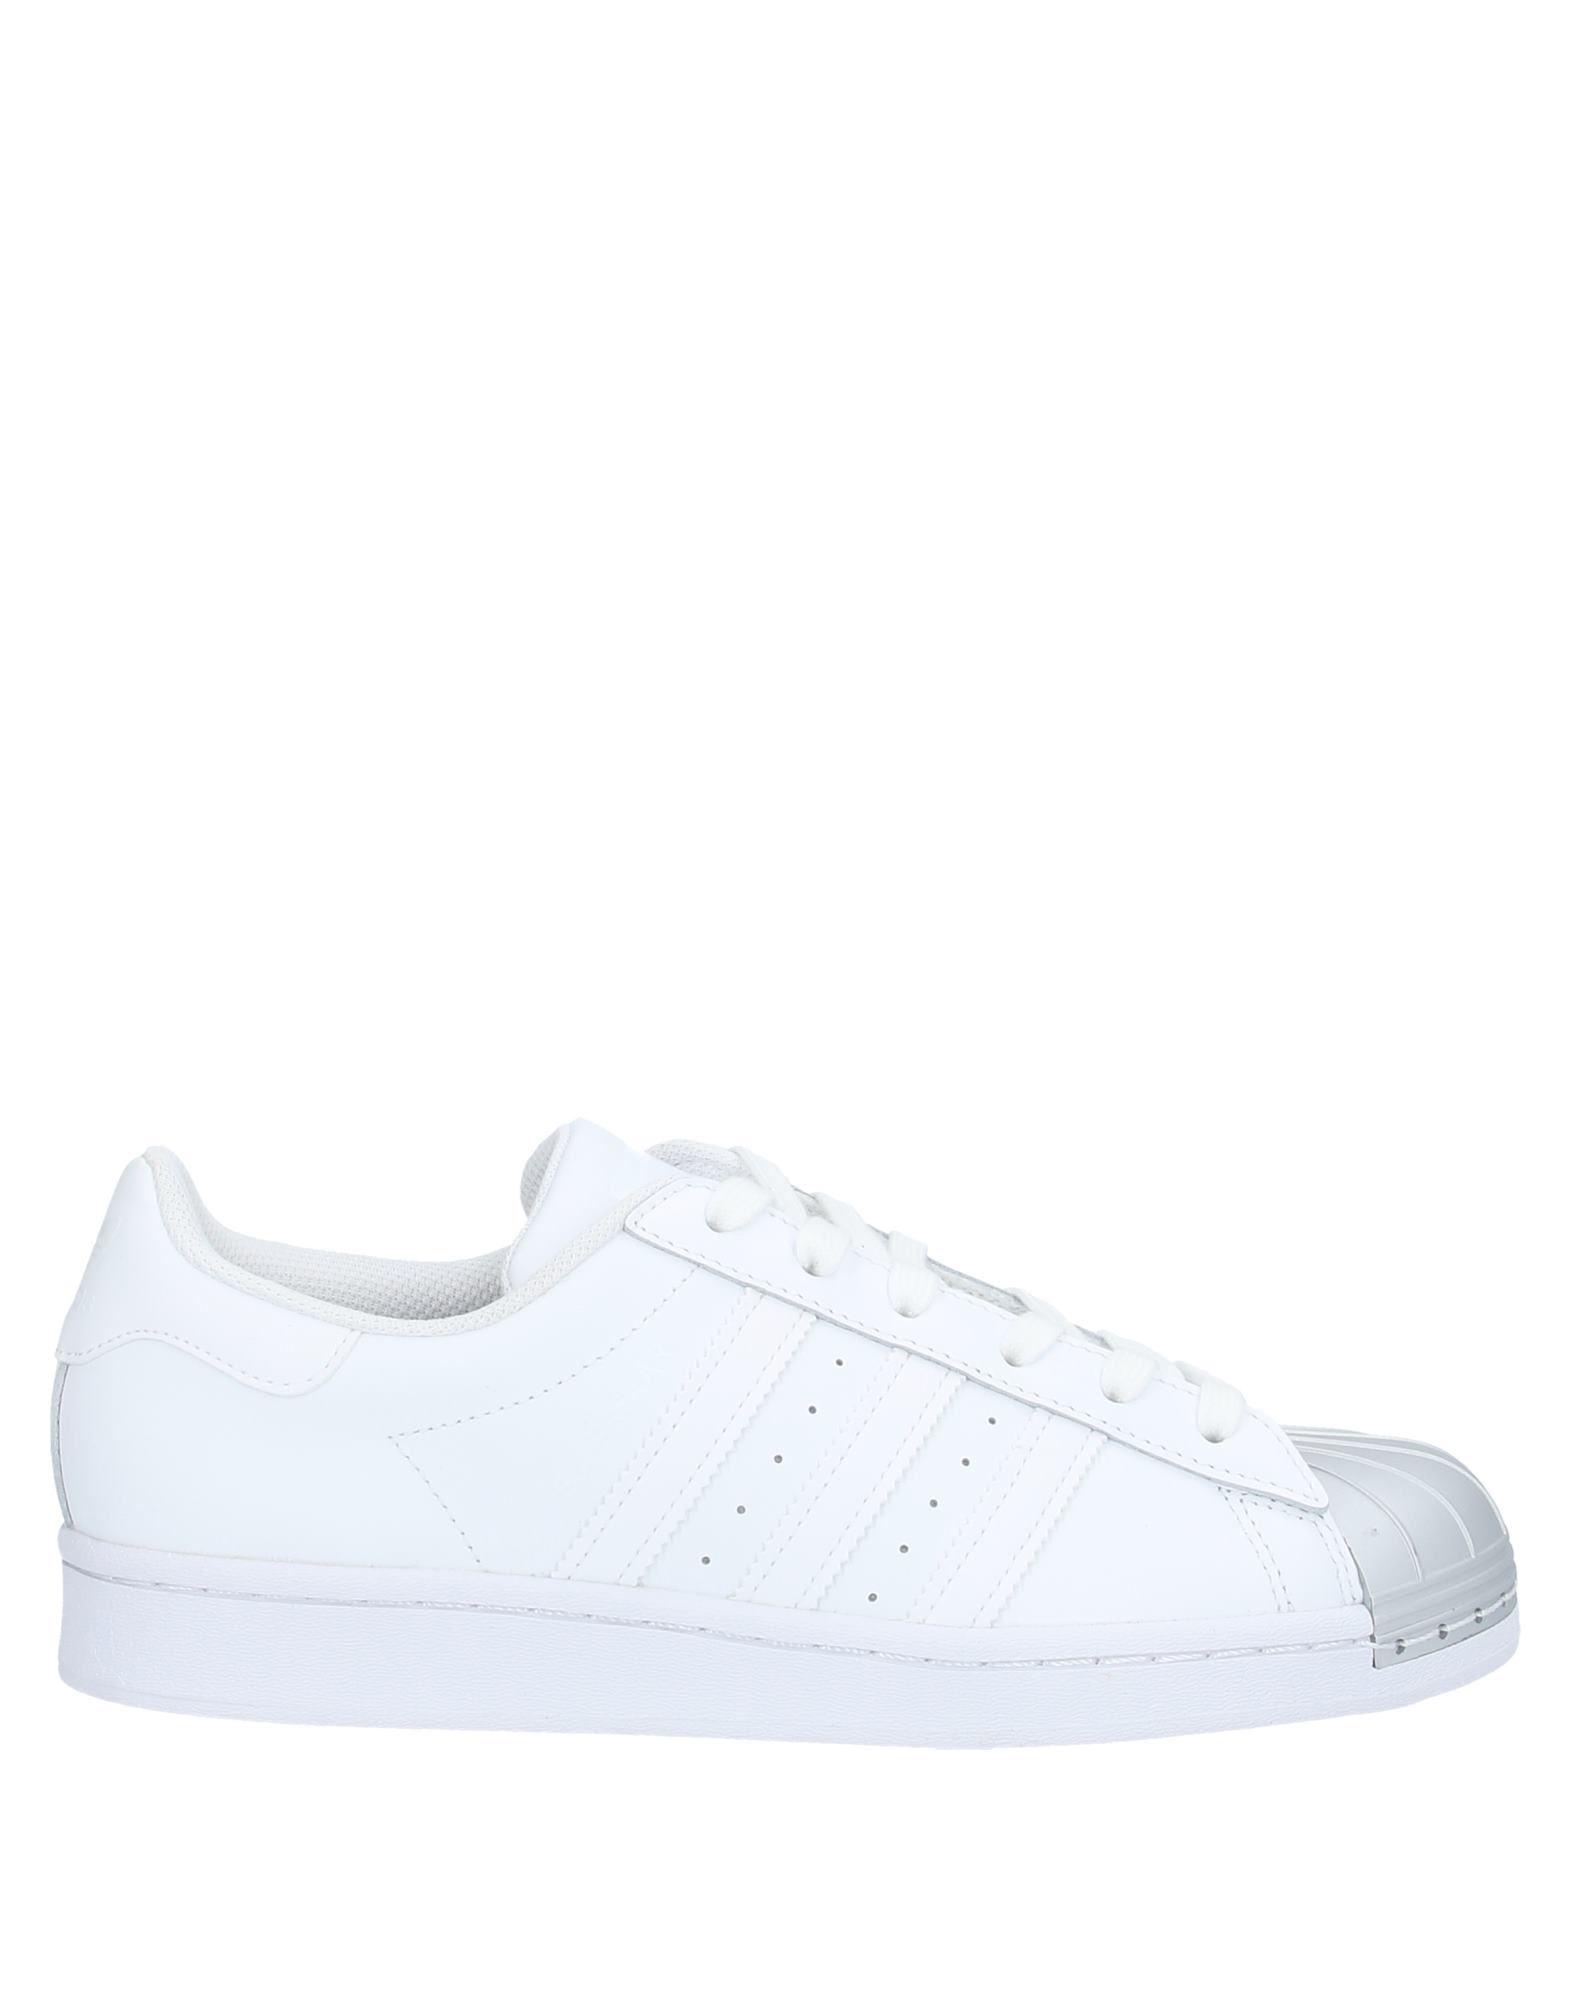 ADIDAS ORIGINALS Low-tops & sneakers - Item 11968773